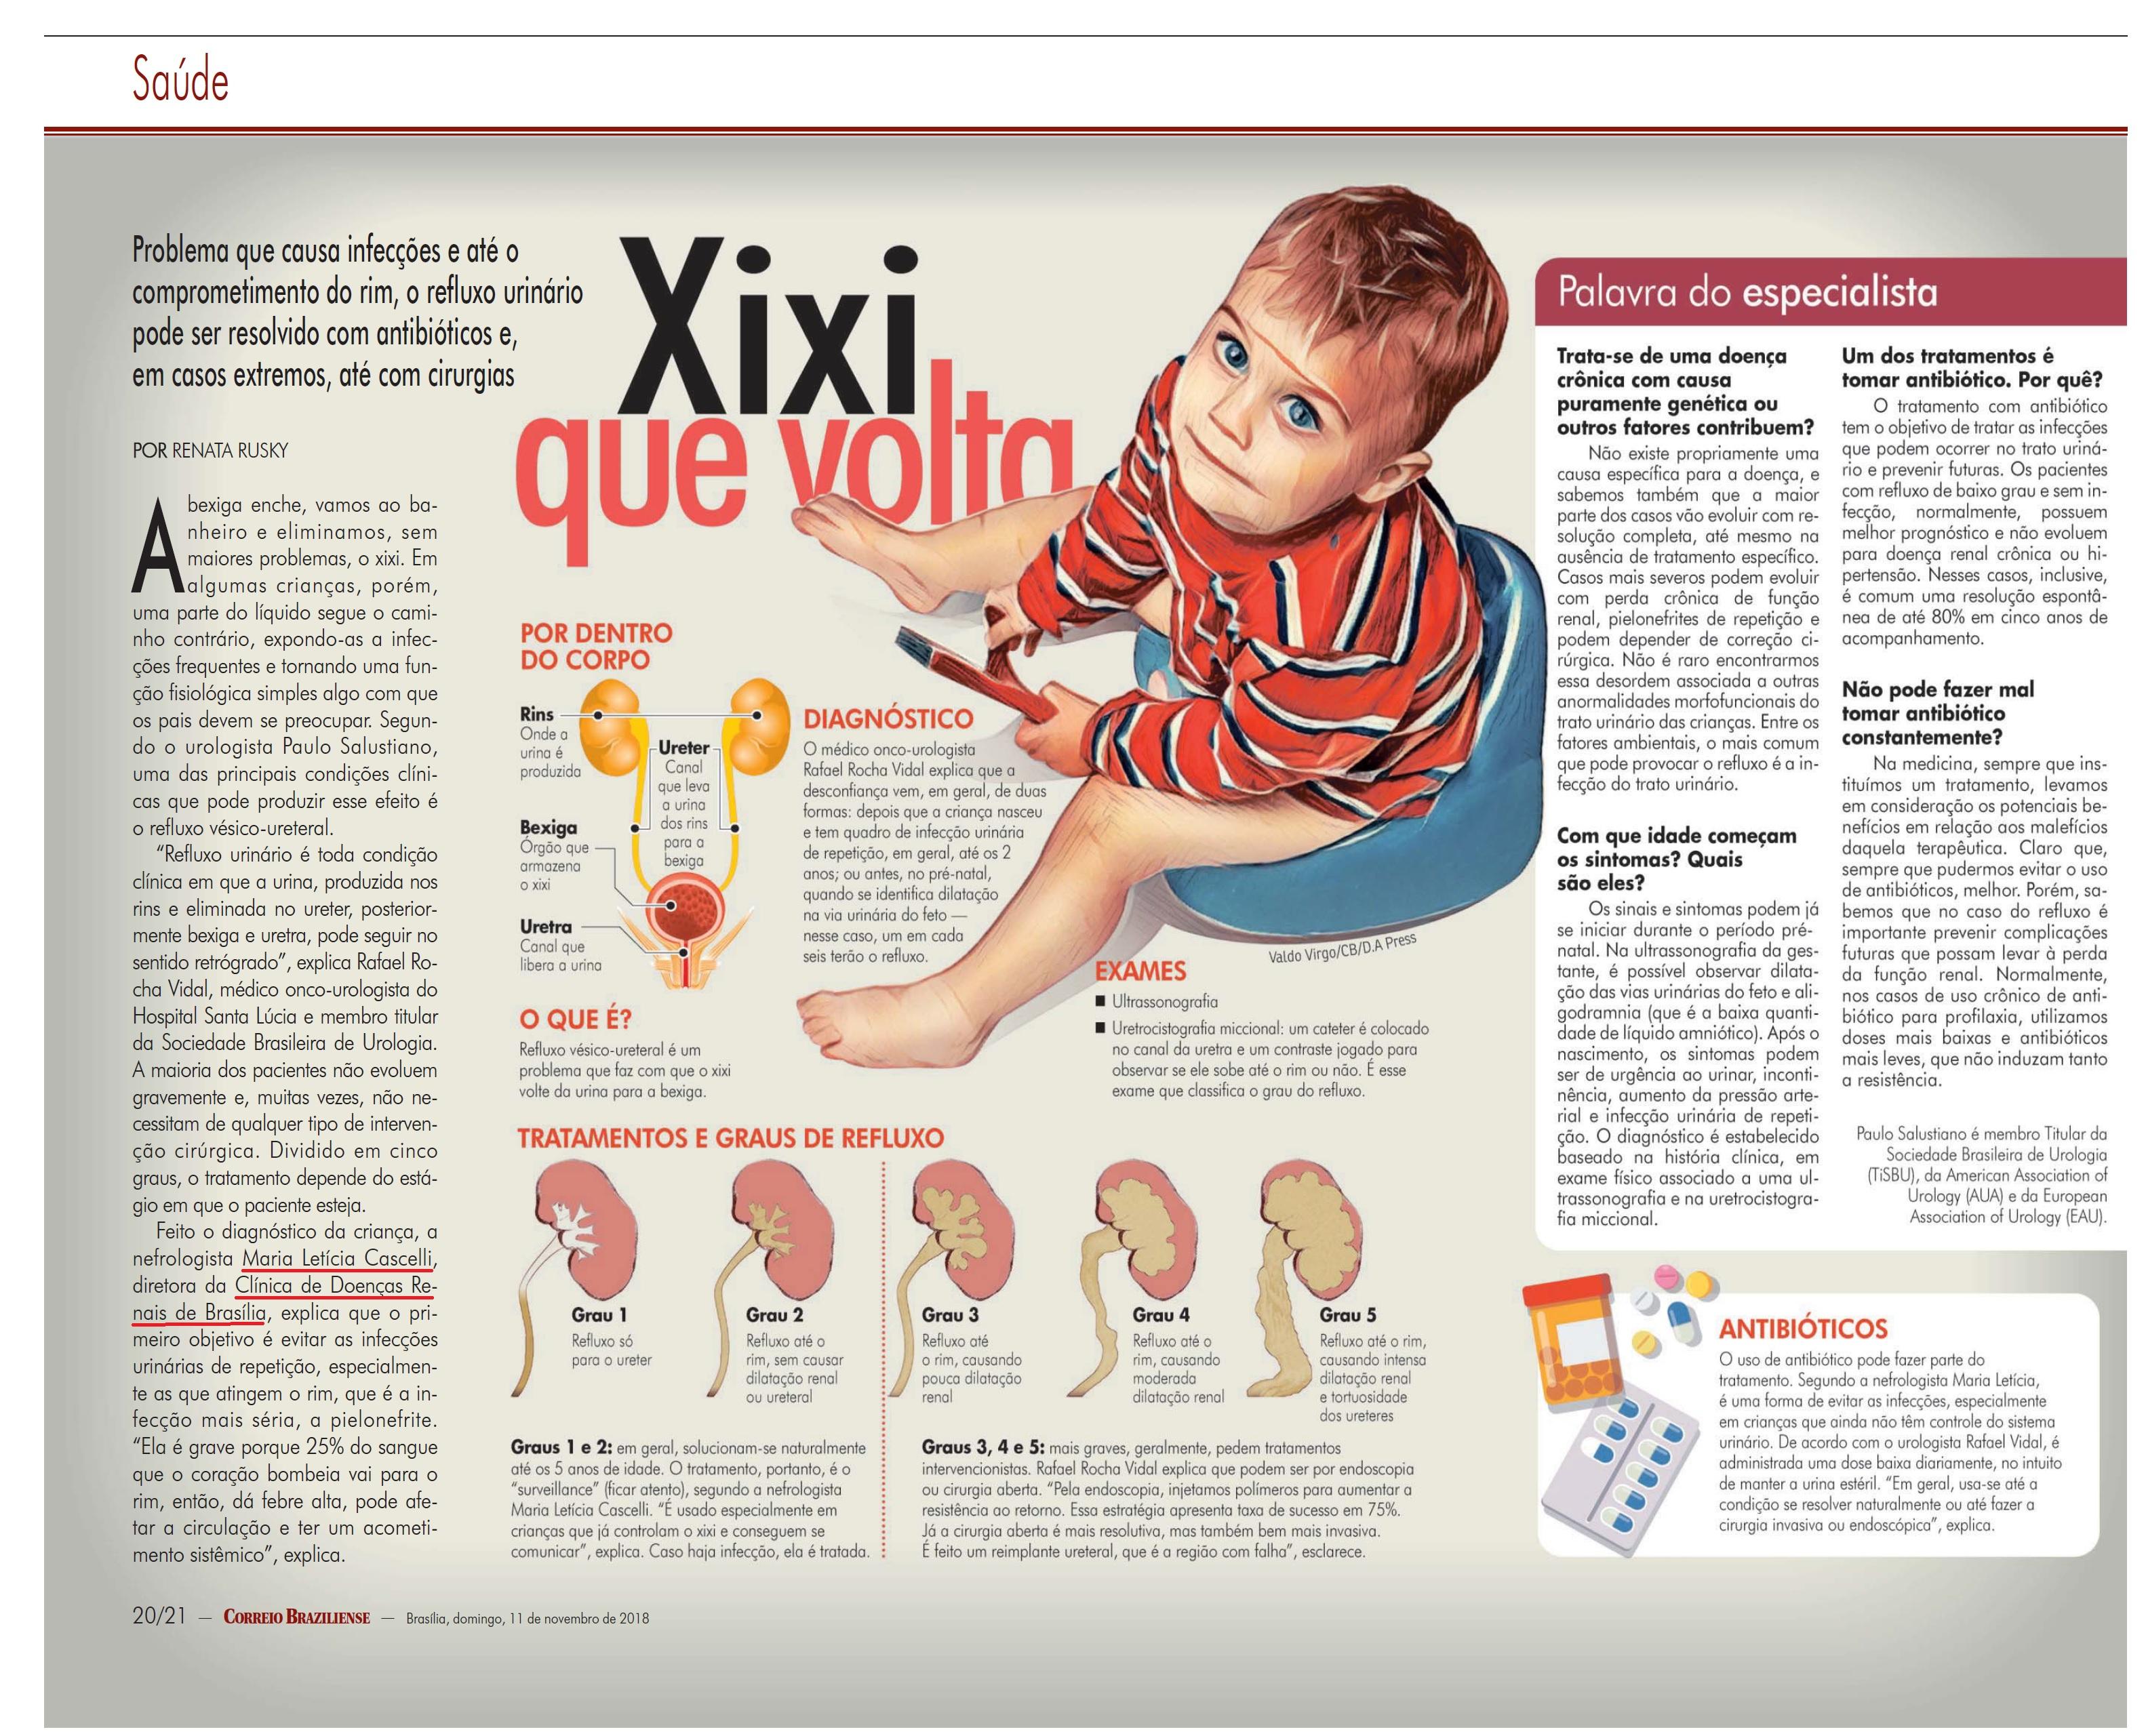 Revista do Correio - Dra. Maria Letícia Cascelli CDRB - 11-11-2018